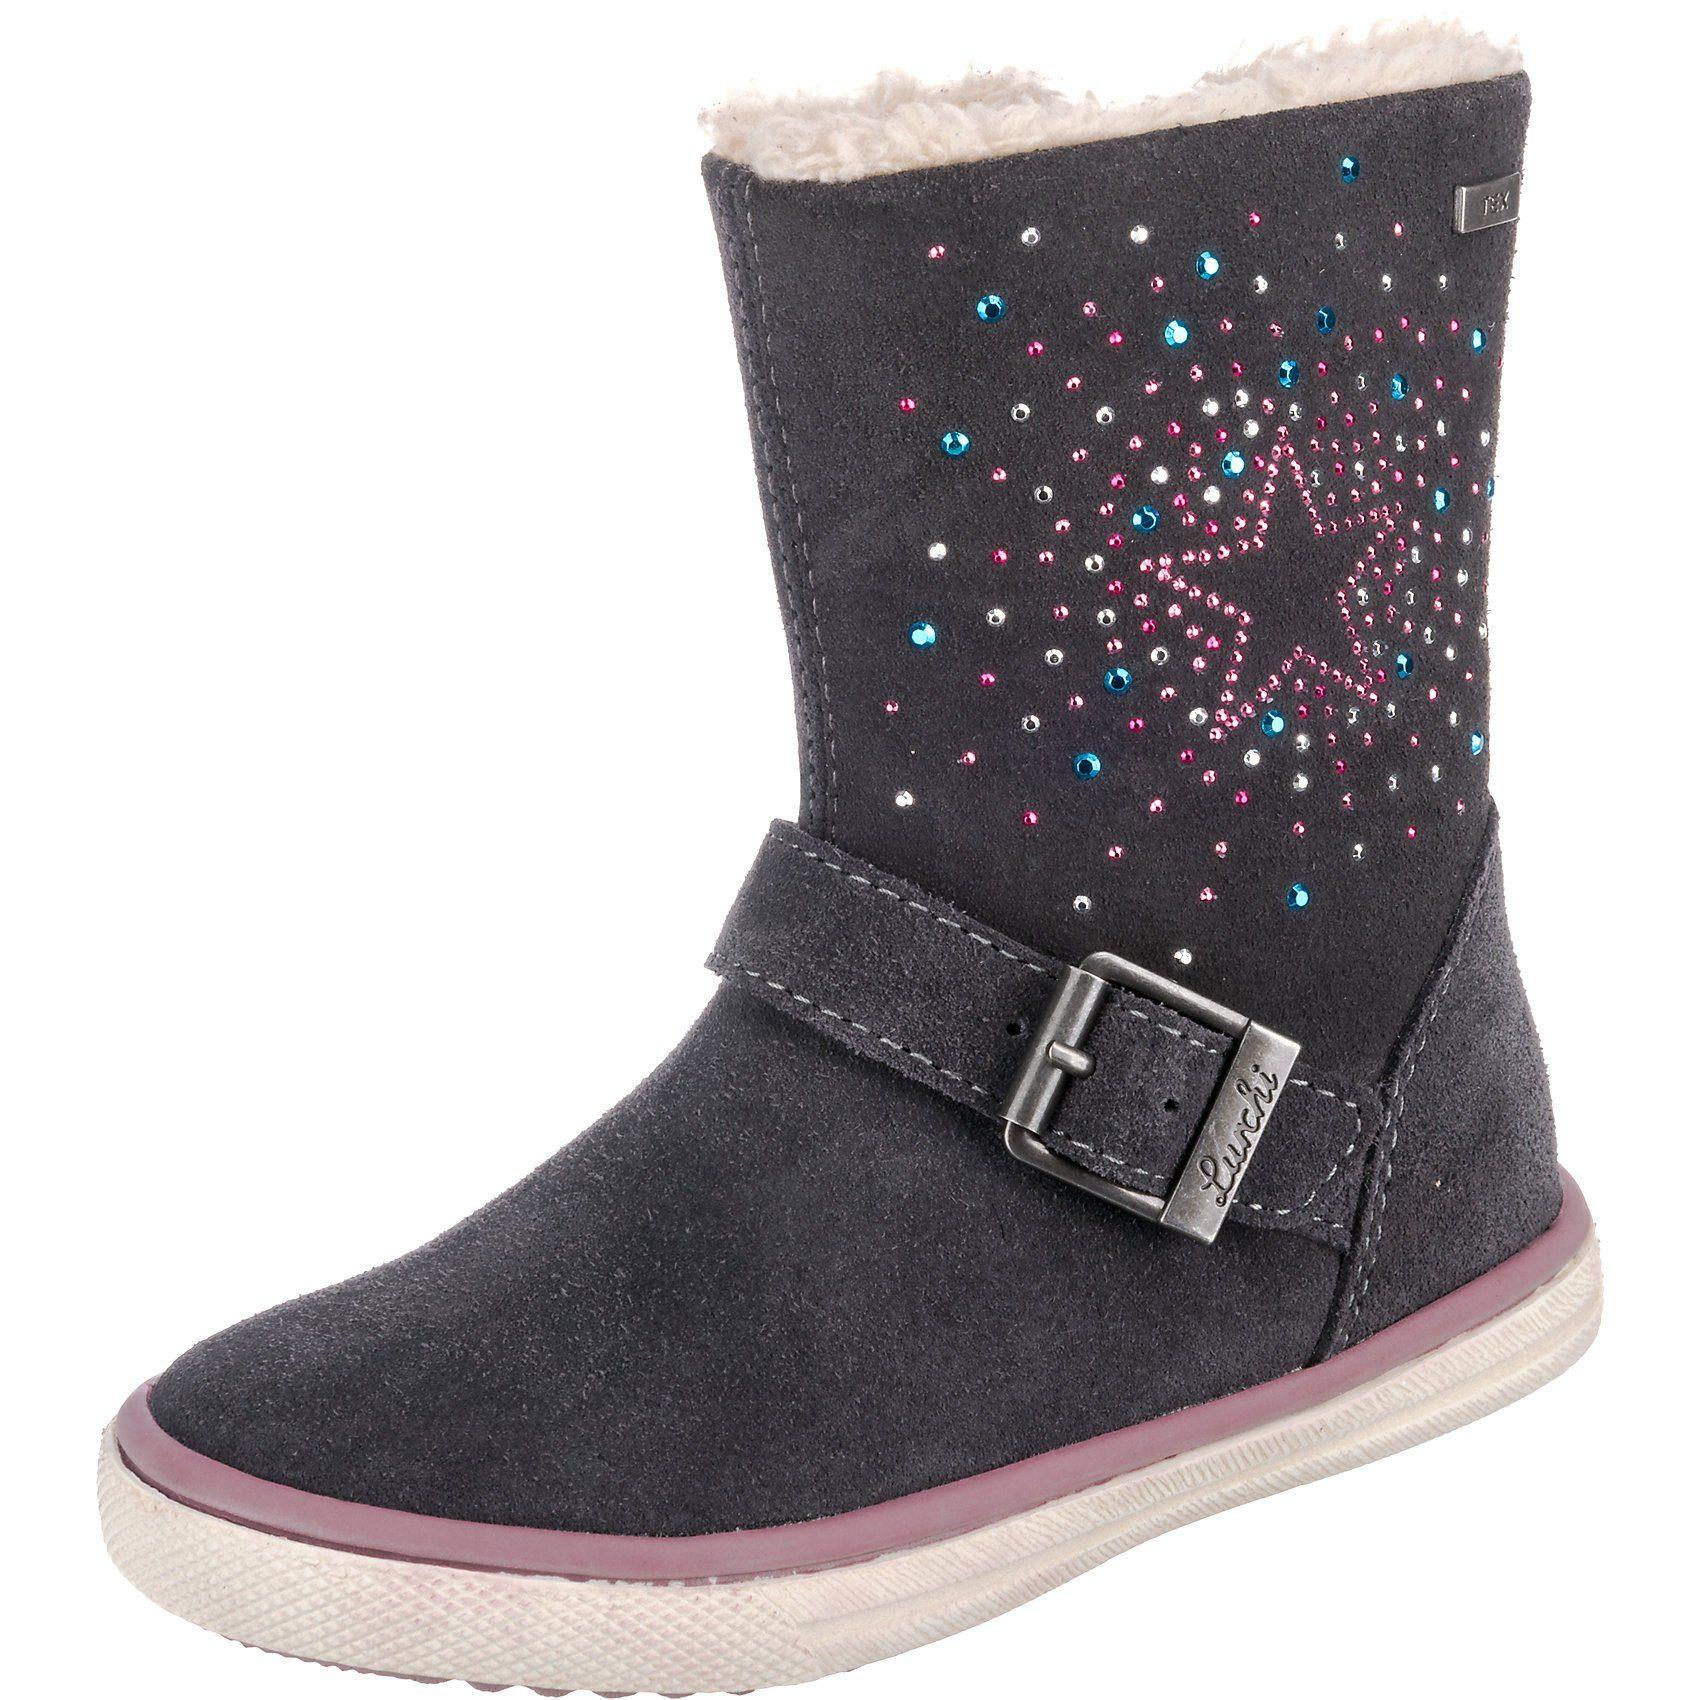 Lurchi Winterstiefel, TEX, Weite M, für Mädchen, Obermaterial (Schuhe): Leder online kaufen   OTTO